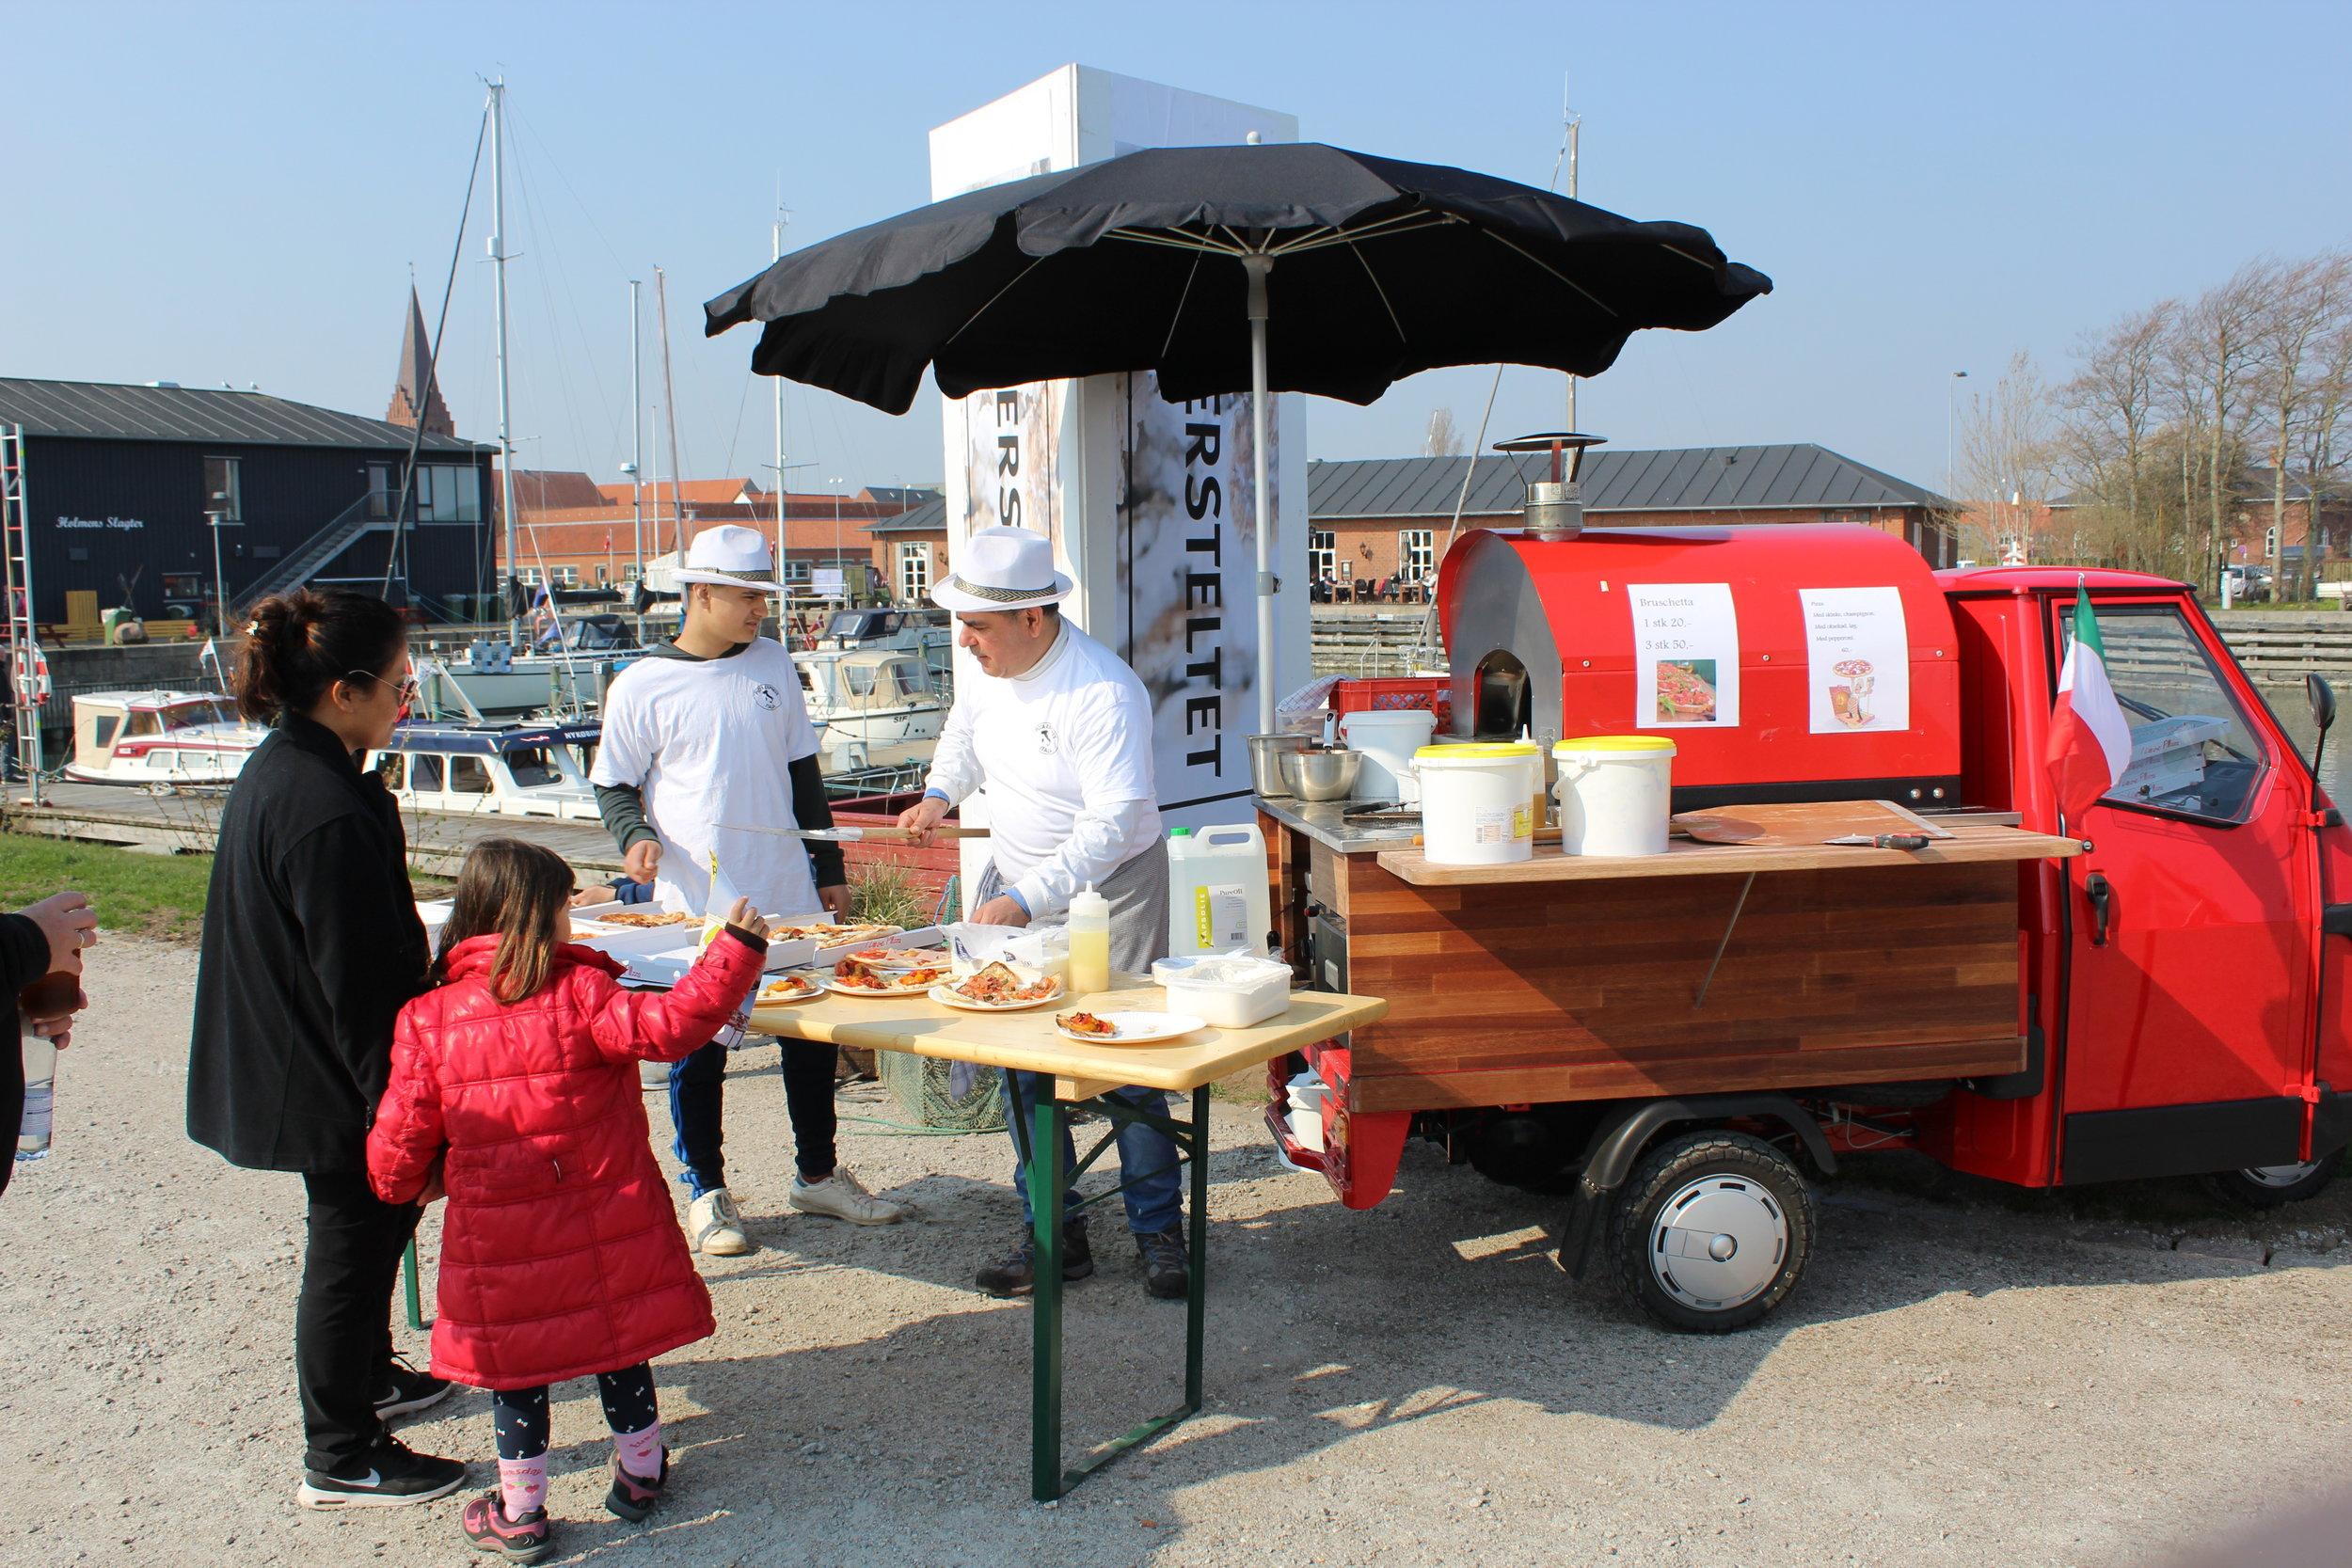 Ape 50 Pizzavogn - ægte Italiensk stenovn, bygget på den ikoniske Ape 50  Kan bage eller opvarme 4 almindelige pizza'er ad gangen.